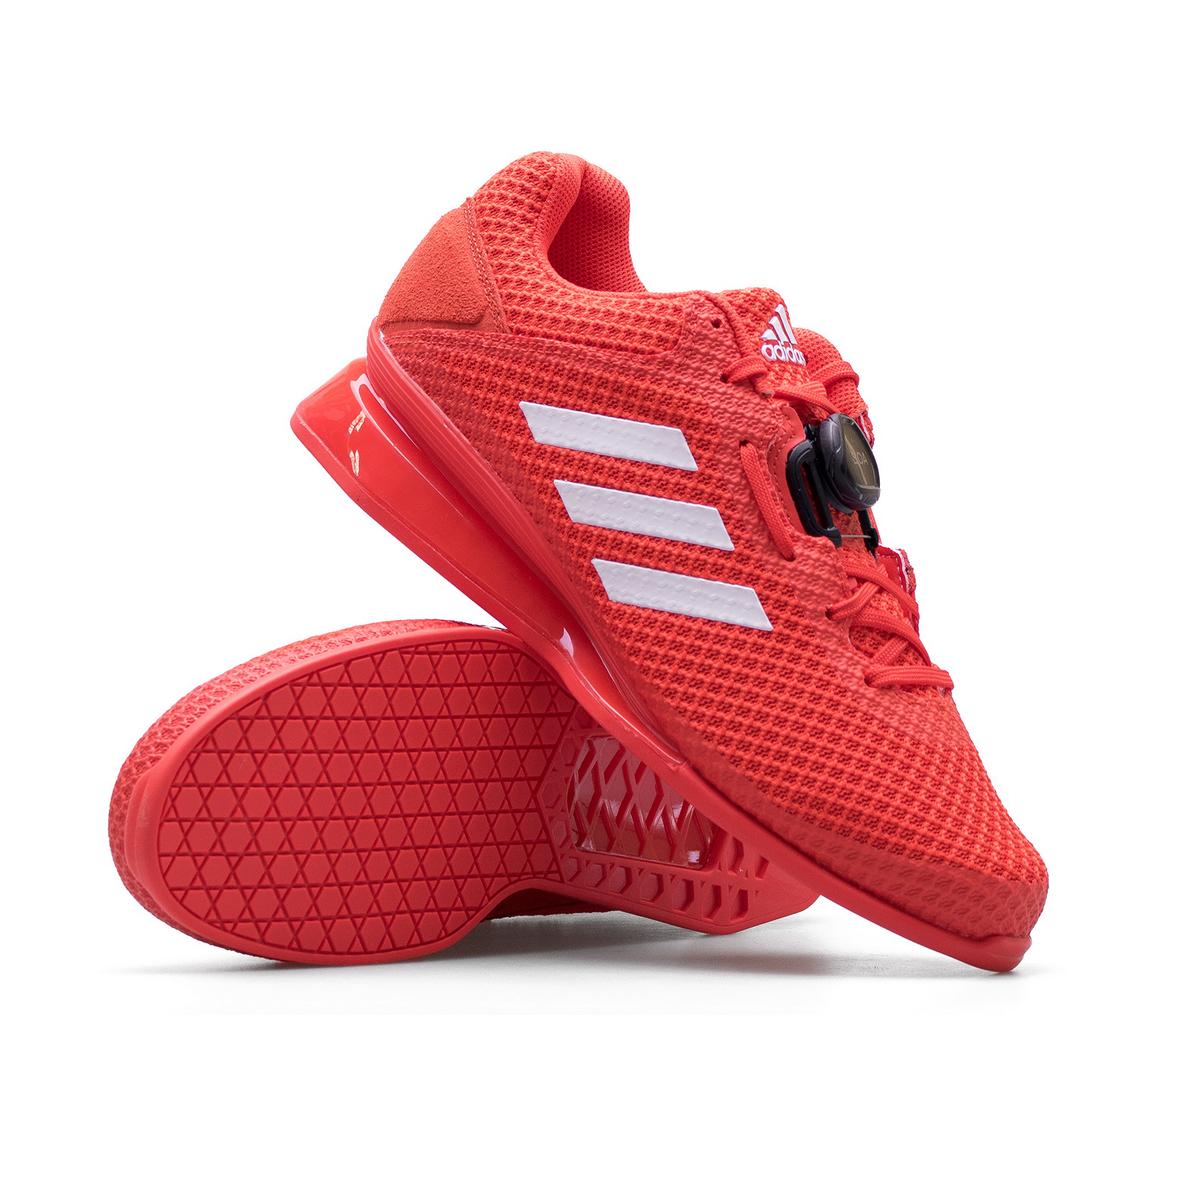 adidas Leistung 16 II BOA Gewichtheben Kraftsport Schuhe Weightlifting AC7465